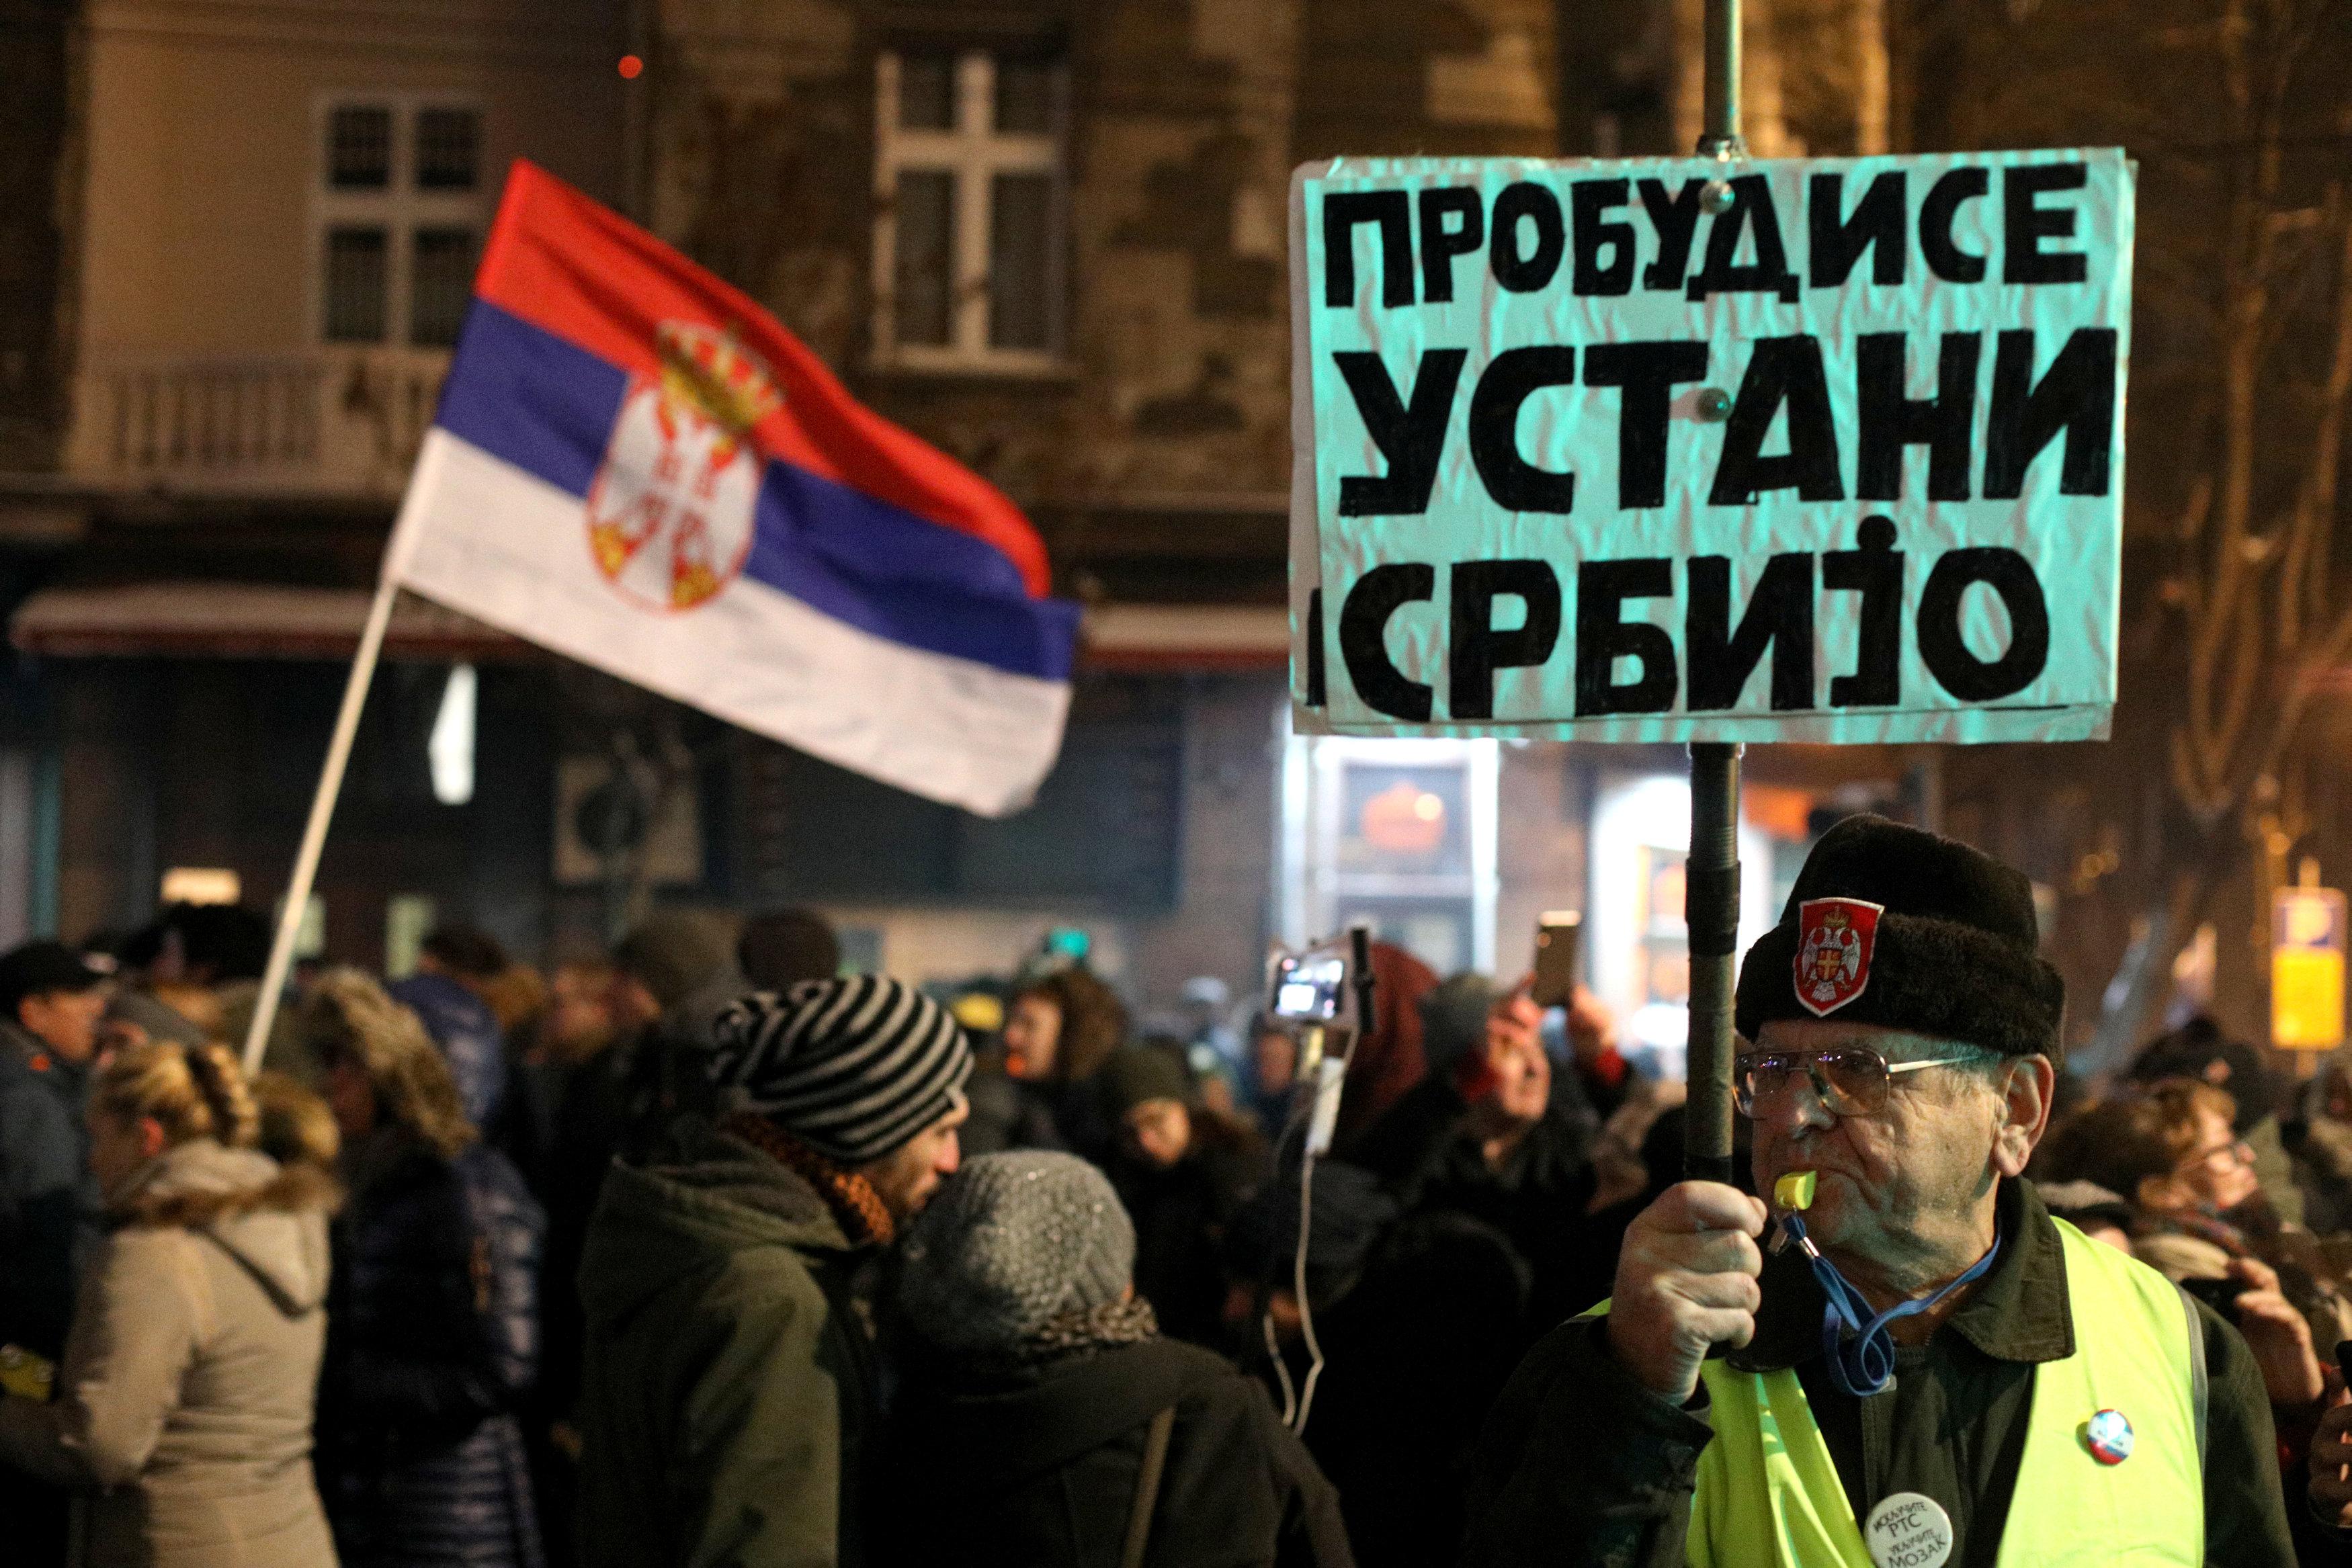 الاحتجاجات الحاشدة ضد الرئيس الصربى فى شوارع بلجراد (1)